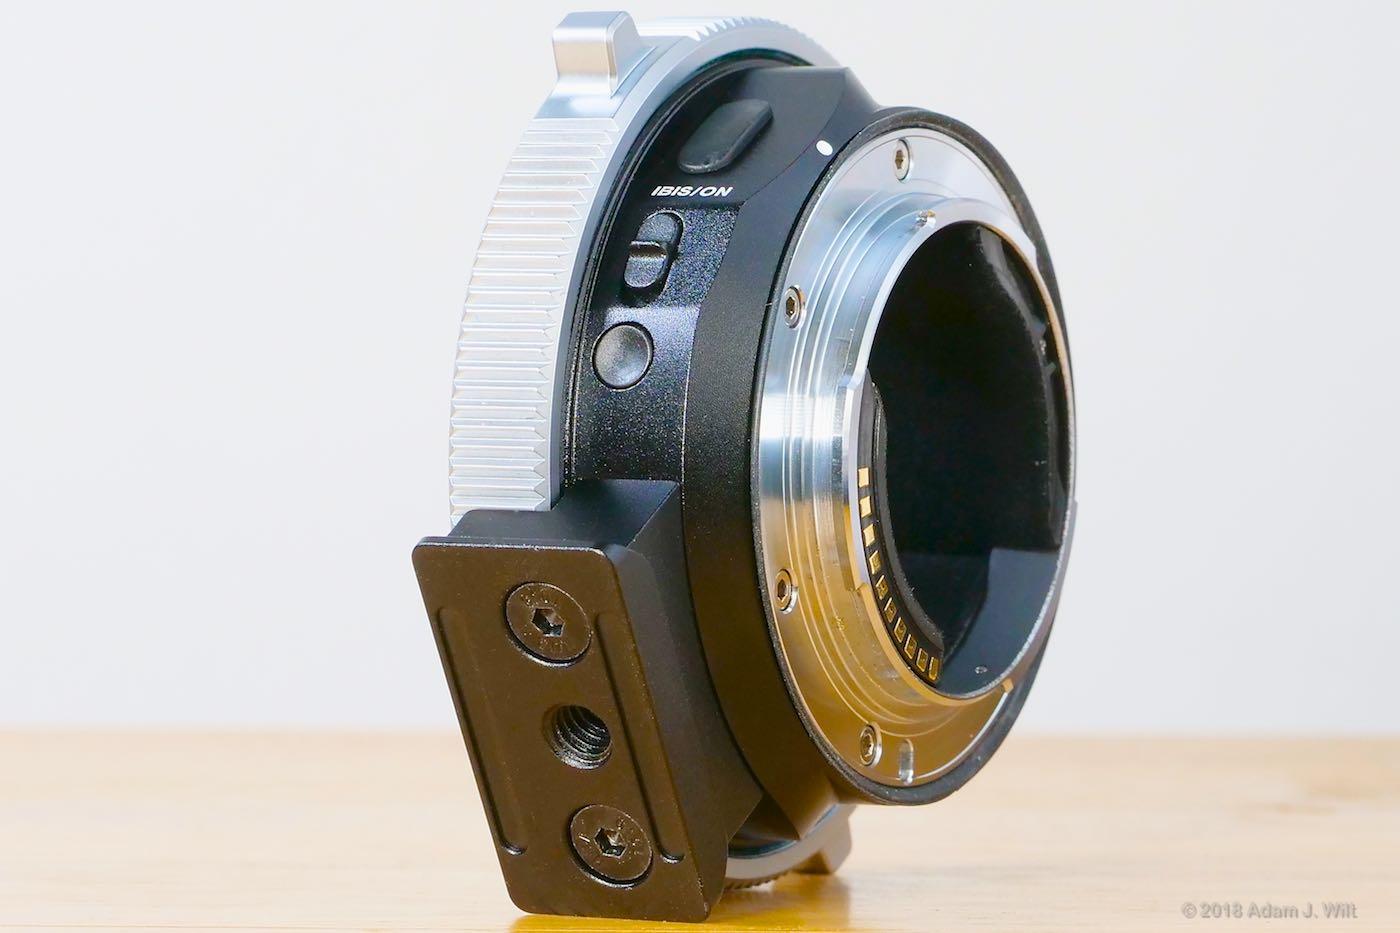 CINE adapter underside